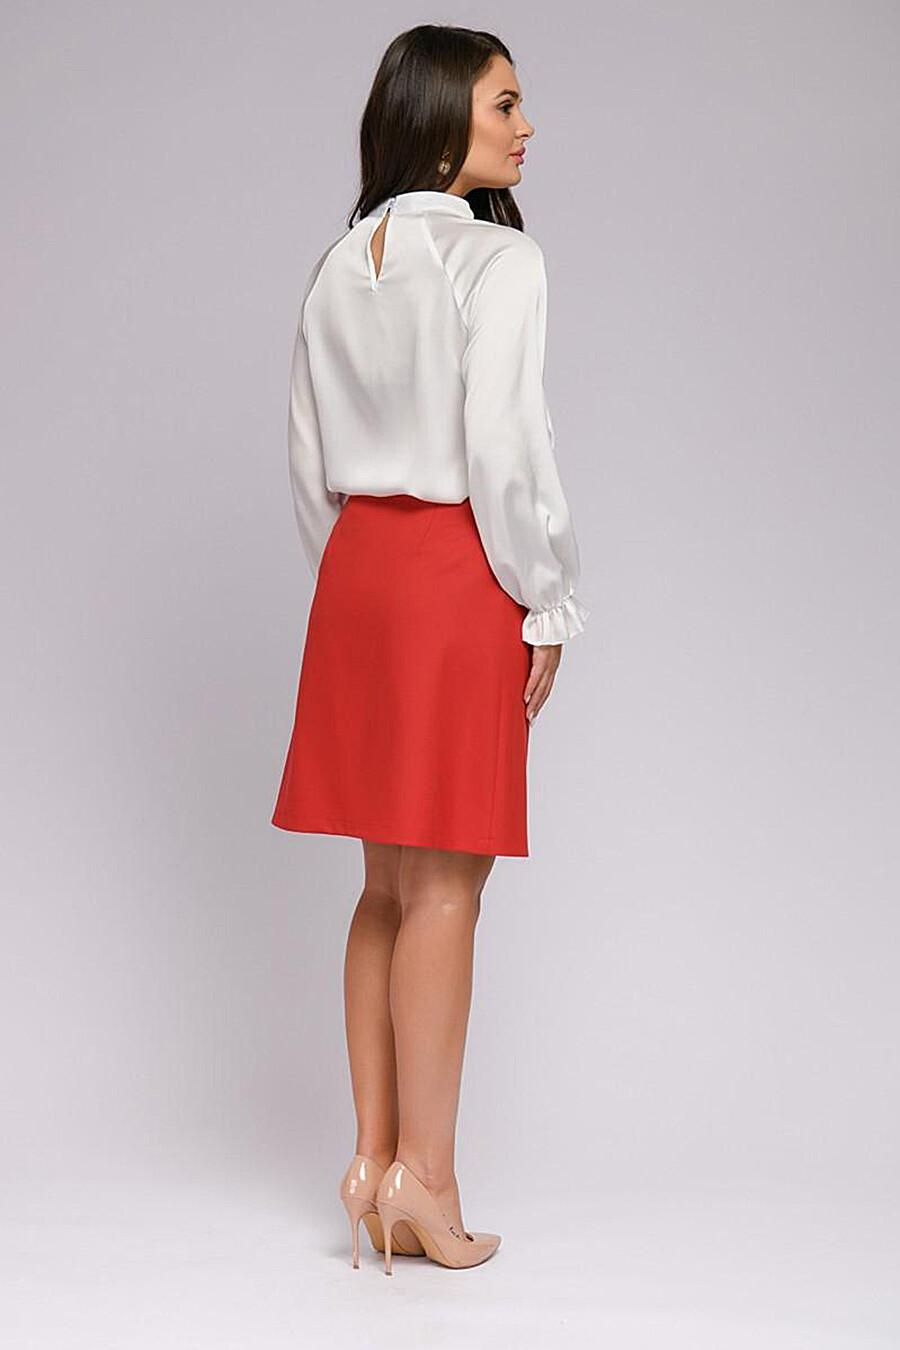 Юбка для женщин 1001 DRESS 163217 купить оптом от производителя. Совместная покупка женской одежды в OptMoyo